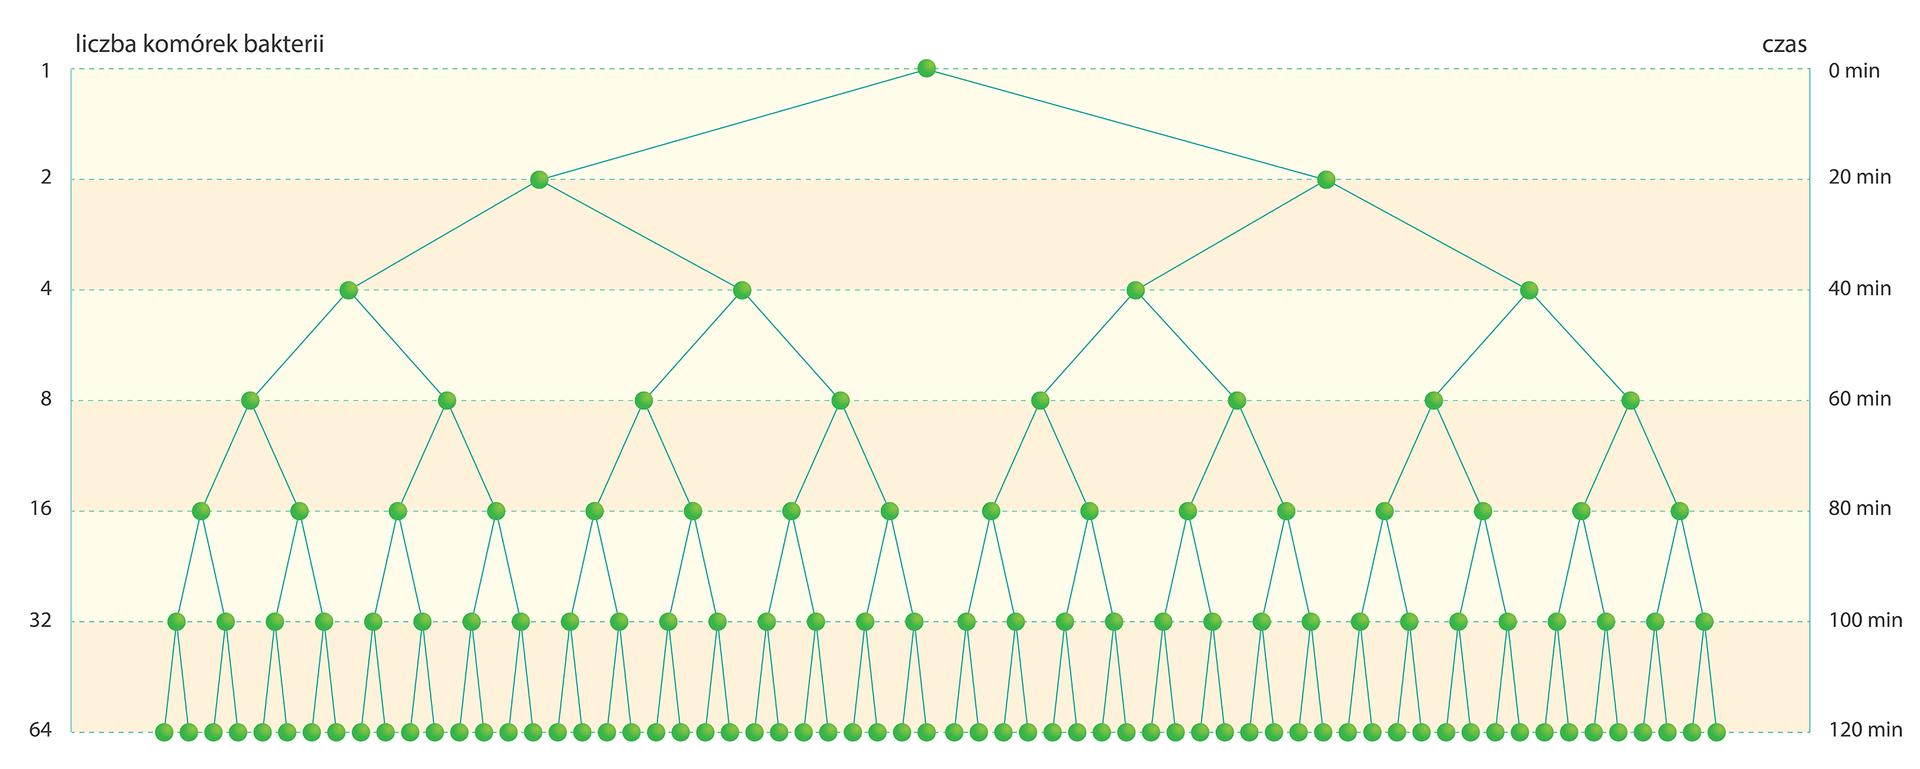 IIlustracja przedstawia schemat na różowym tle. Lewa strona jest podpisana: liczba komórek bakterii ima podziałkę logarytmiczną od 1 do 64. Prawa strona jest opisana jako czas, od zera do stu dwudziestu minut. Na schemacie zielone punkty oznaczają bakterie, aniebieskie kreski symbolizują ich podział na dwie komórki potomne. Schemat odczytujemy od góry wdół.